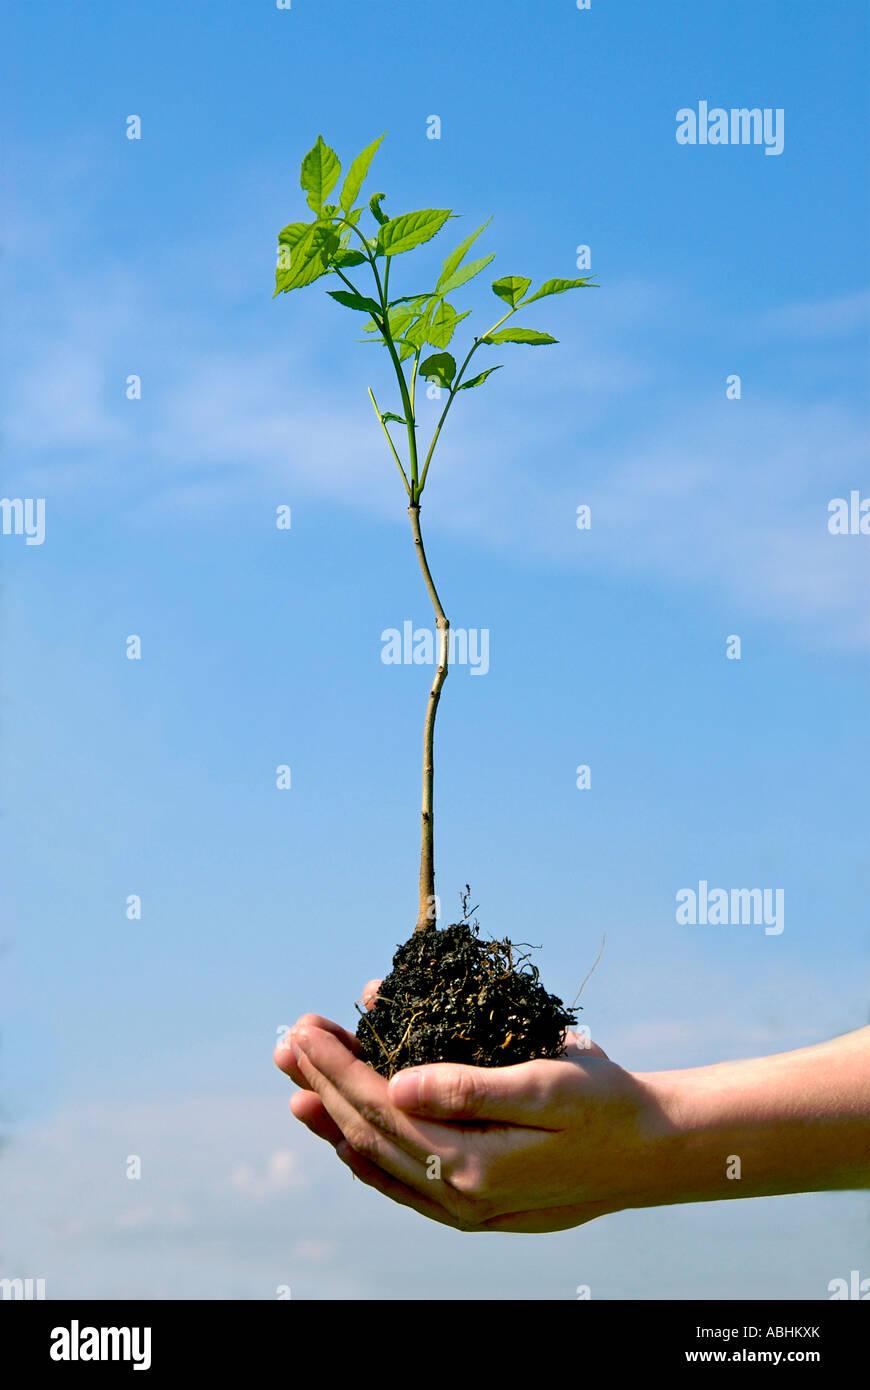 Mains tenant un jeune plant à l'extérieur - concept de croissance Photo Stock